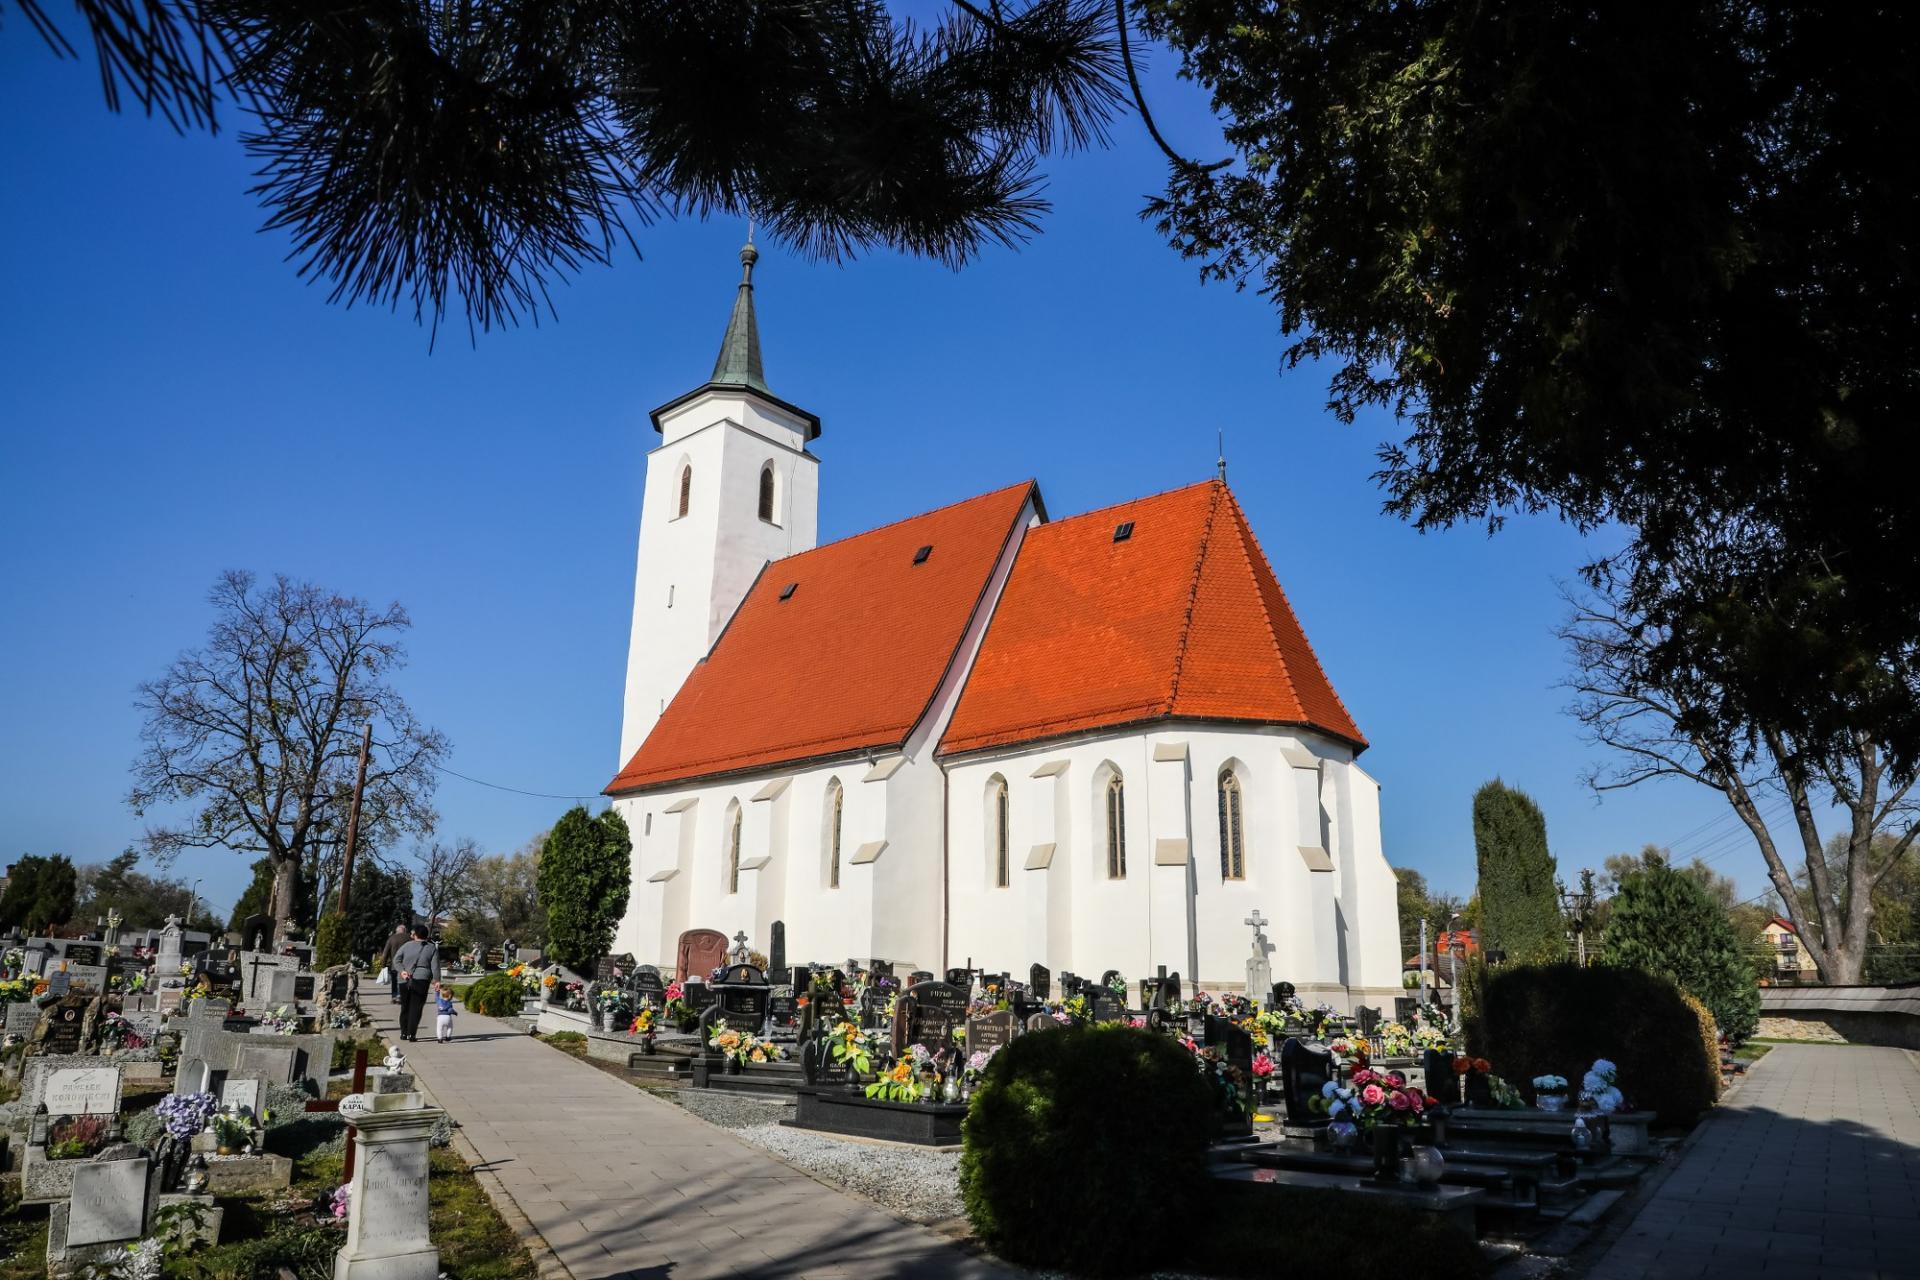 Tytuł Modernizacja Roku 2019 za remont kościoła w Starym Bielsku